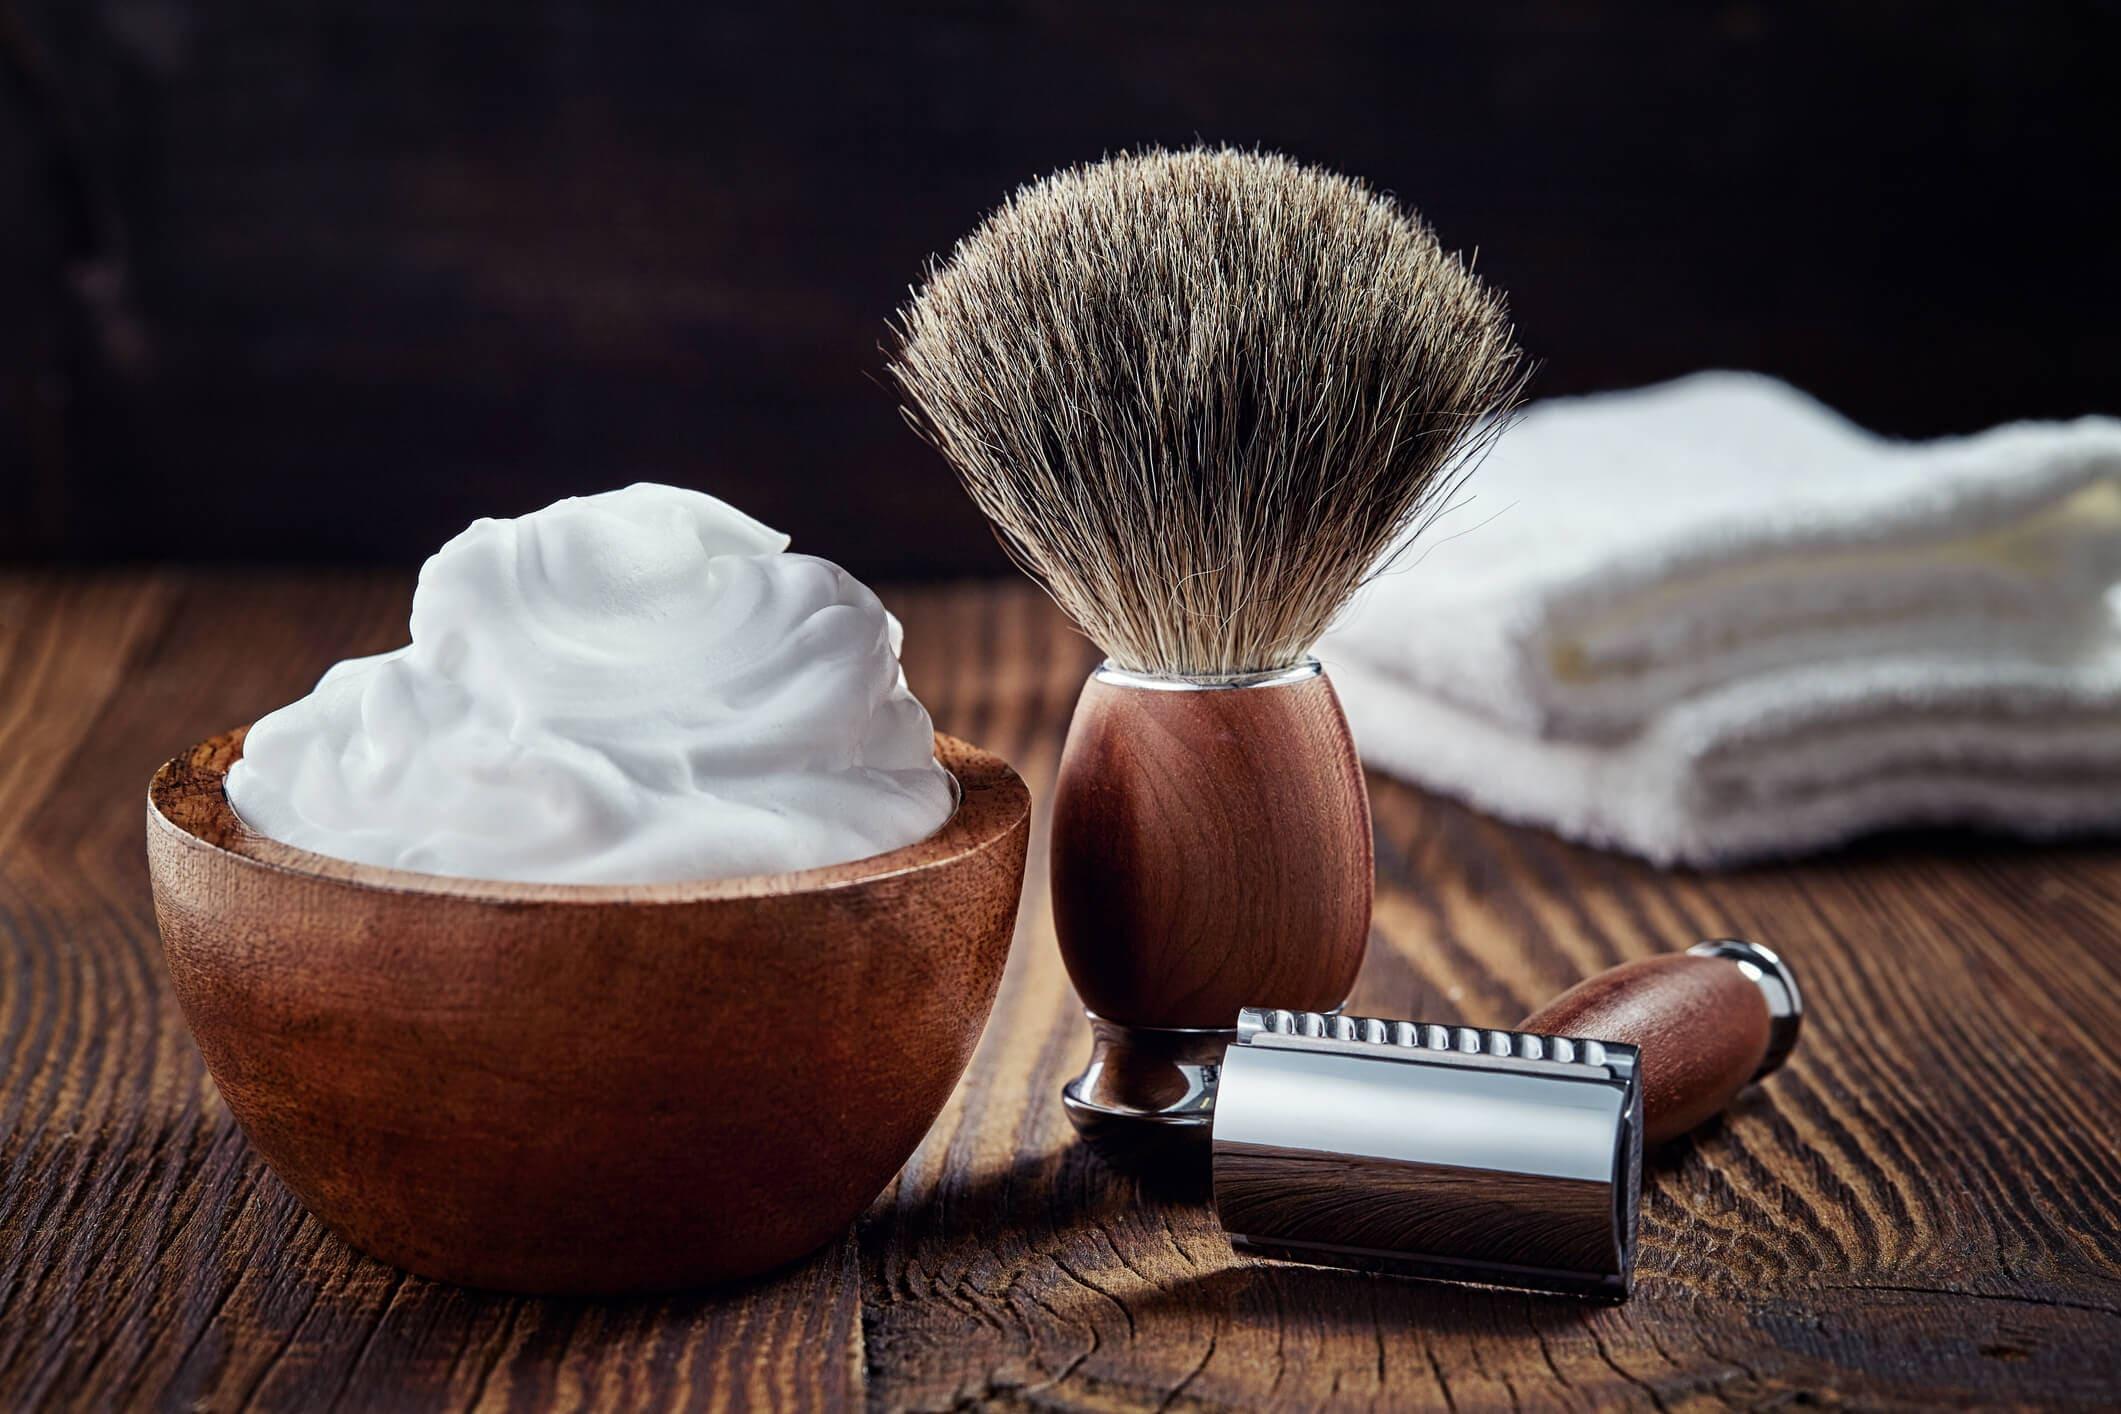 caspa de barba crema y brocha de afeitar